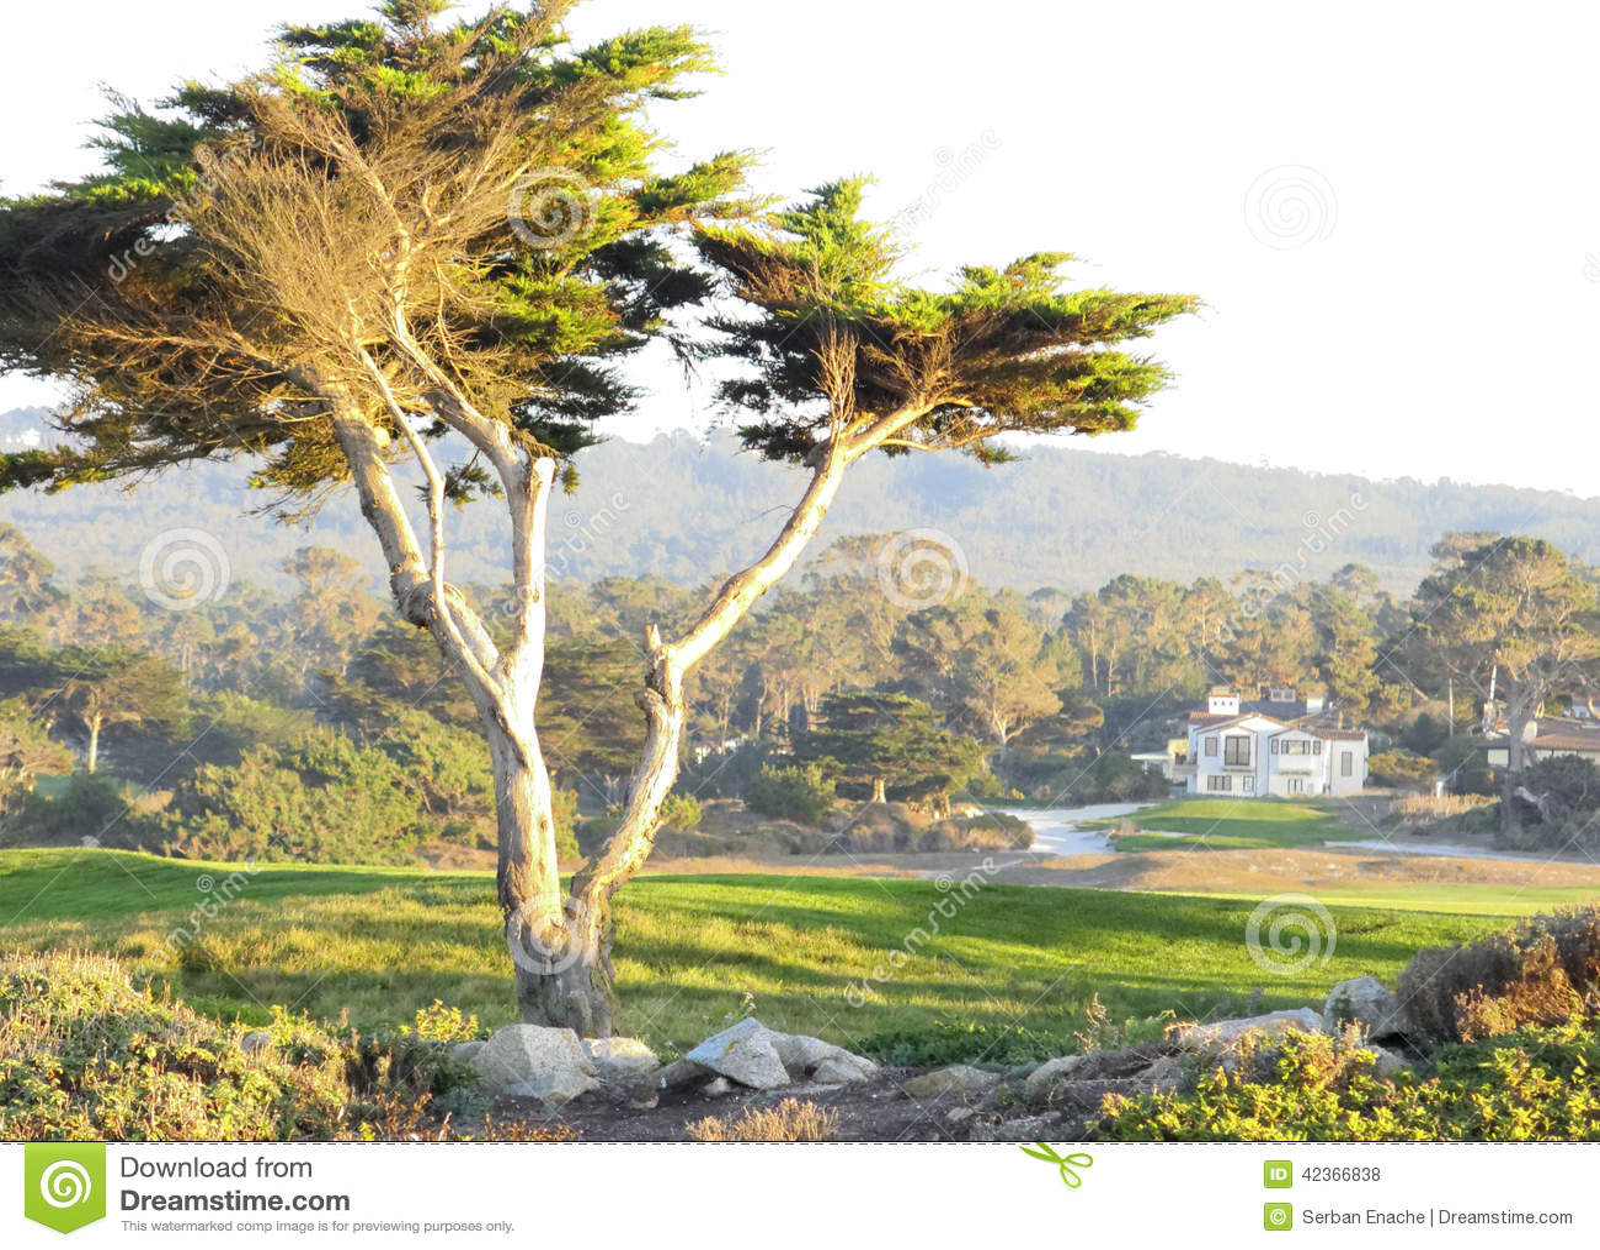 Paisaje de Carmel en California